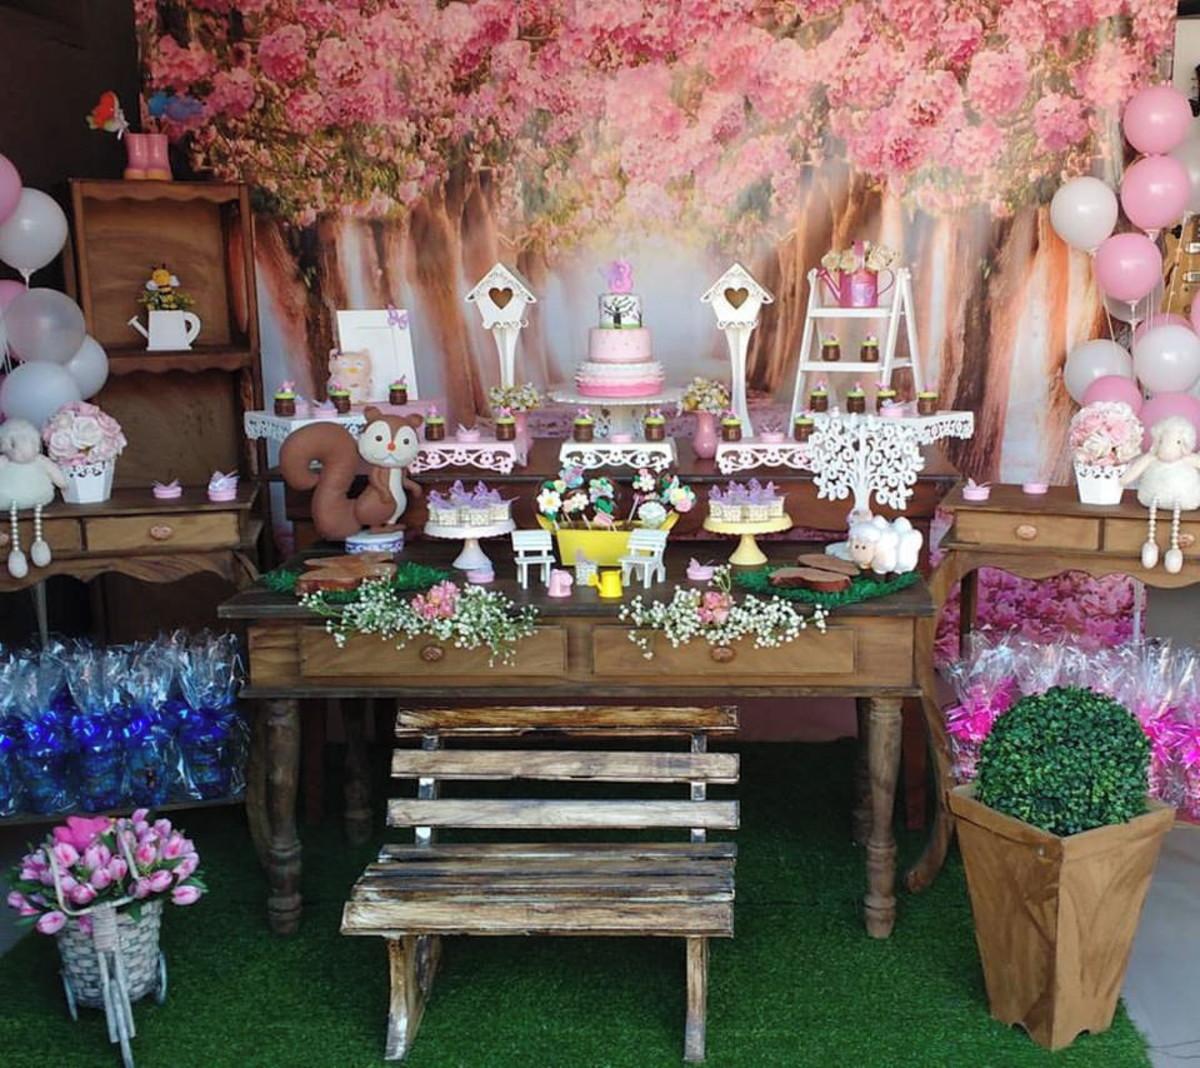 Decoraç u00e3o provençal Jardim Encantado Menina Prendada Festas Personalizadas Elo7 -> Decoração De Festa De Aniversario Jardim Encantado